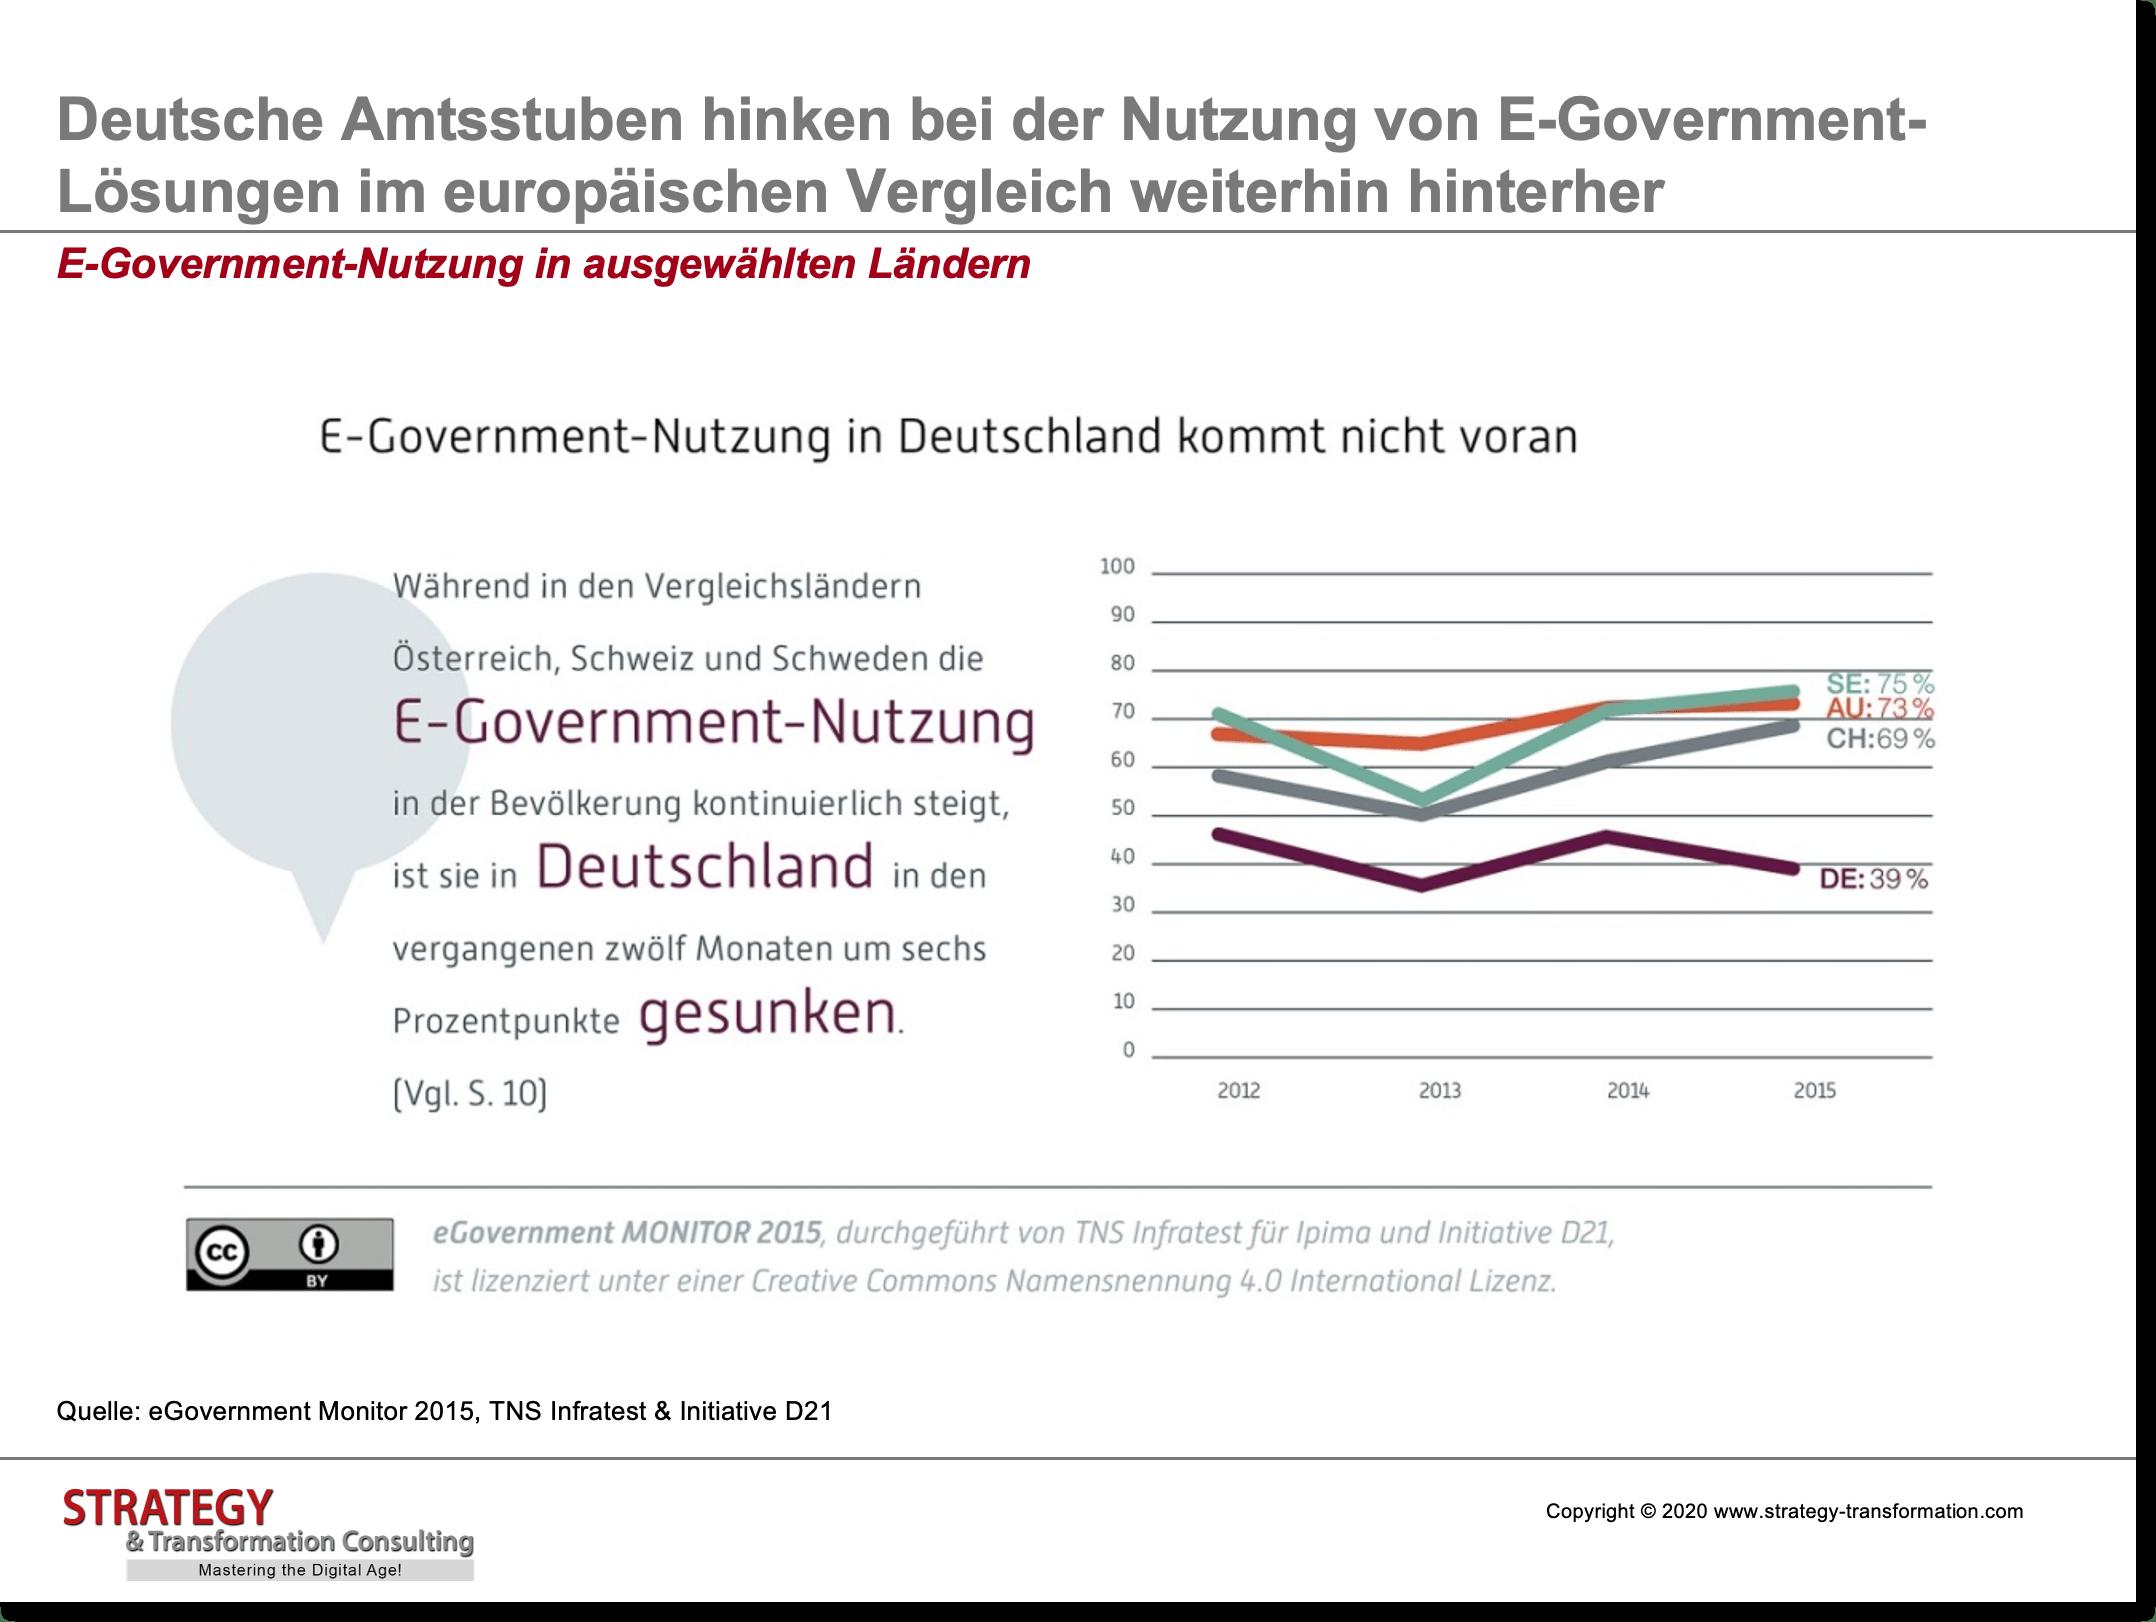 E-Government-Nutzung in ausgewählten Ländern